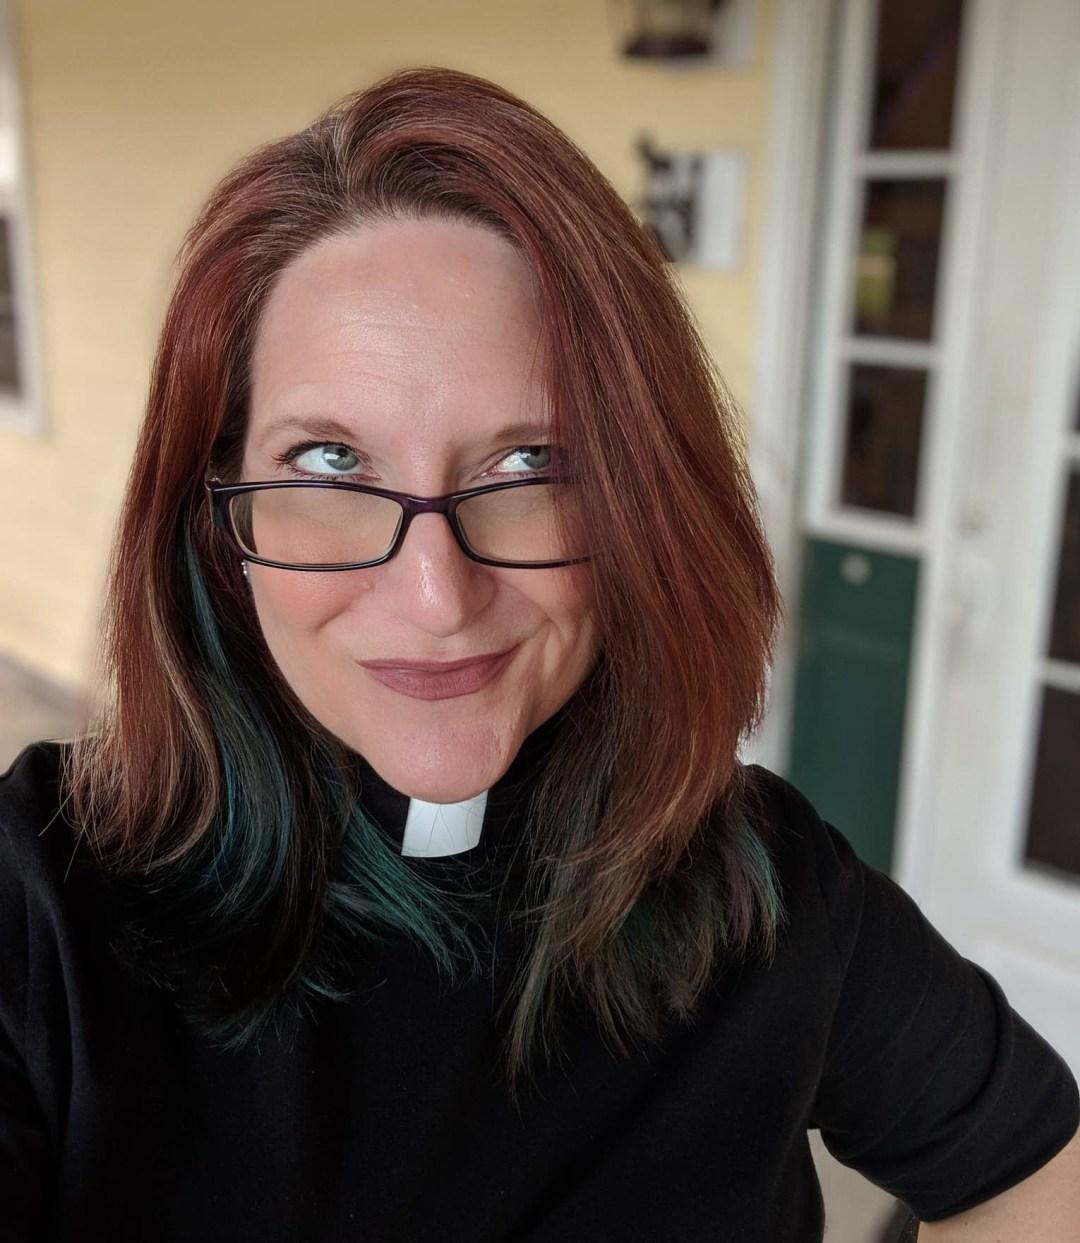 Rev. Nicole Logan